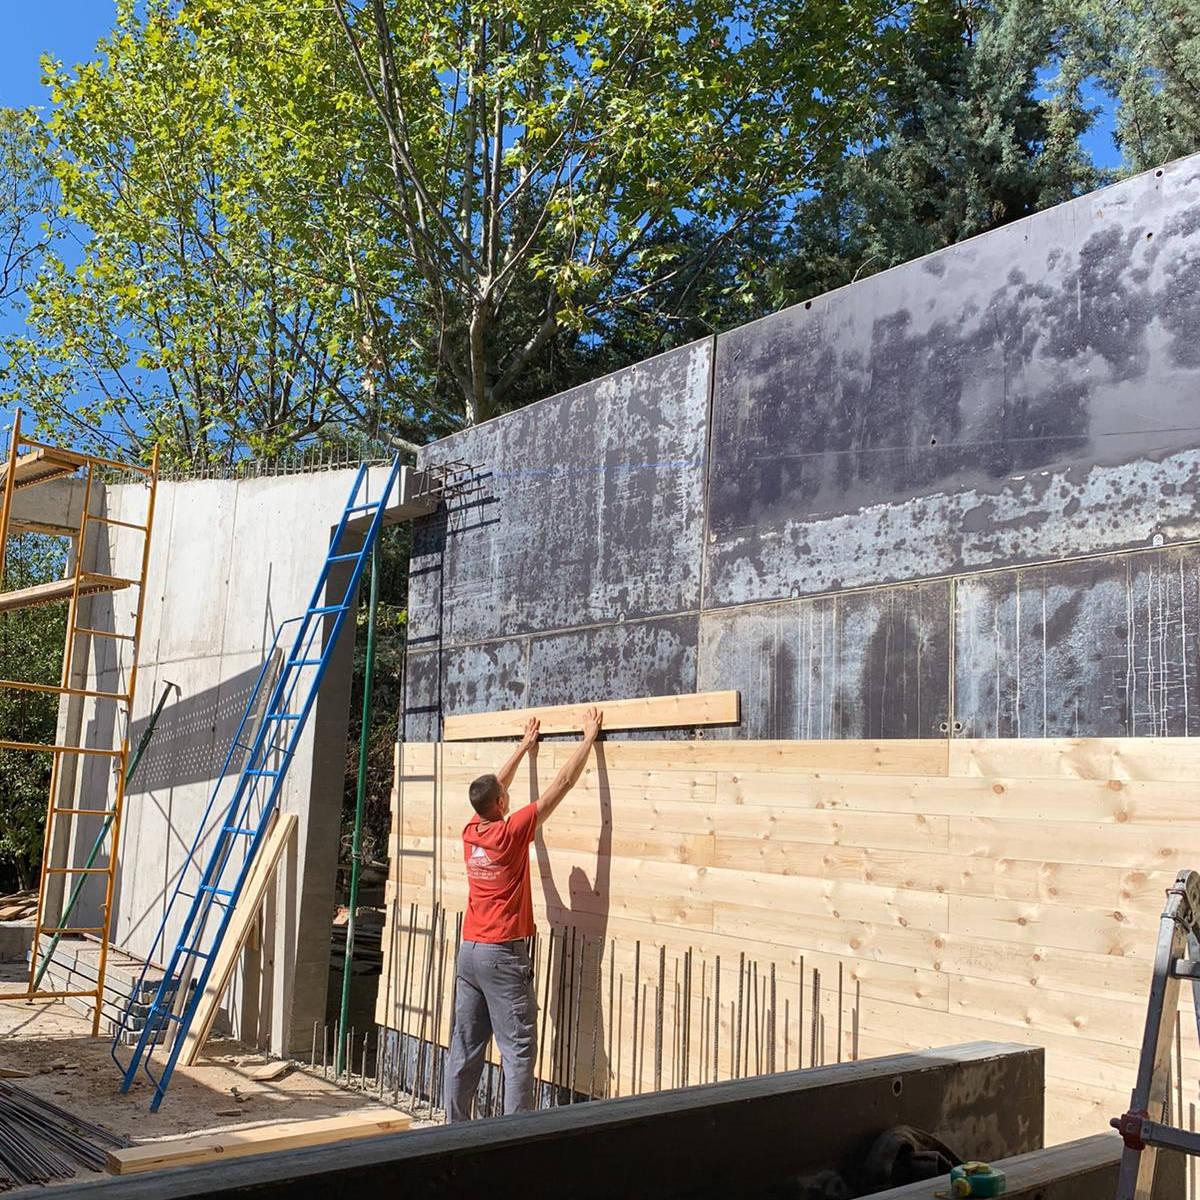 imagen de empresa de construcción levantando un muro